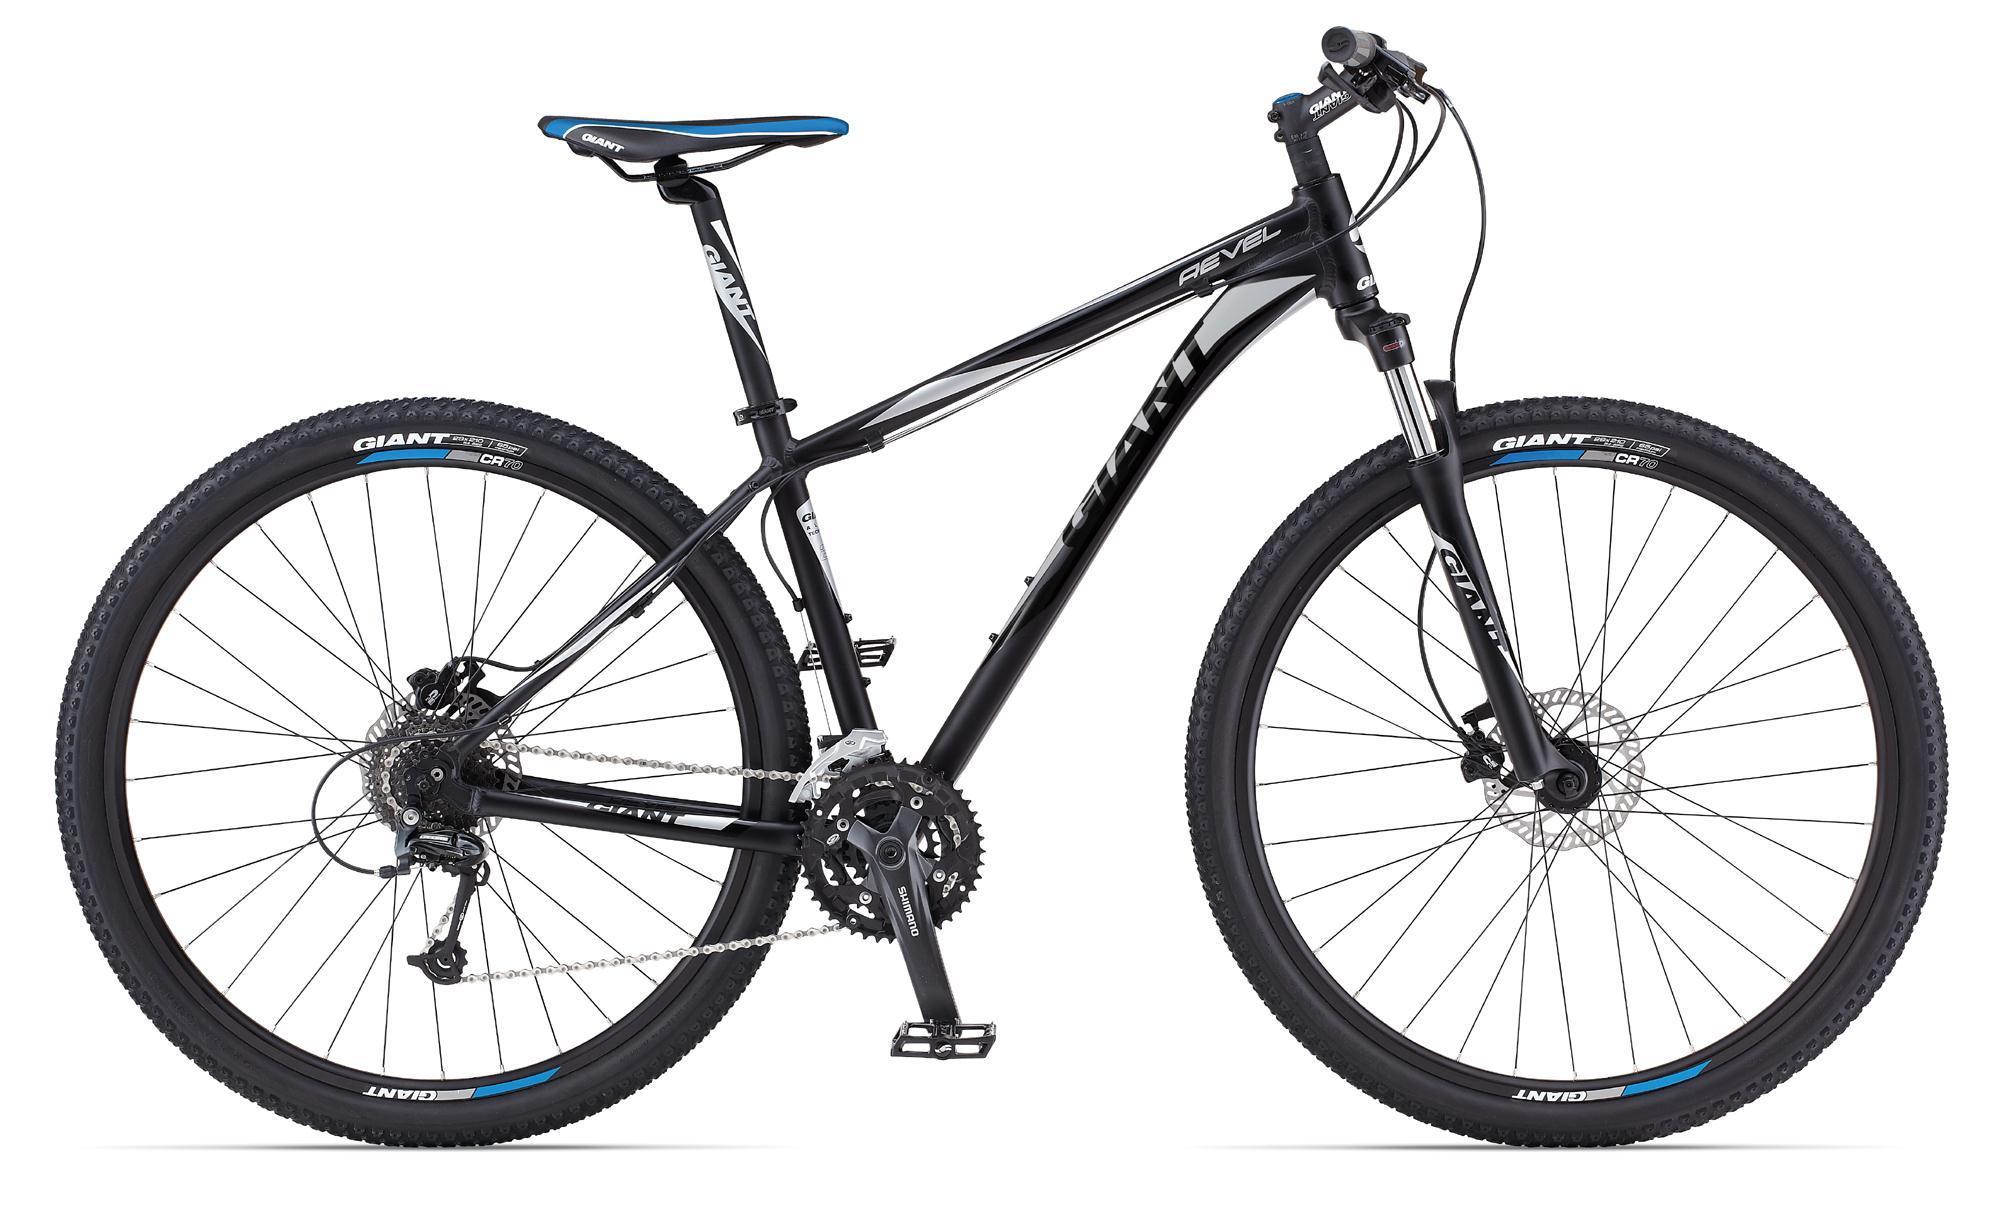 Giant Revel 29er 0-v2 (2013)Горные<br>Revel 29er 0-v2 - спортивный горный велосипед хардтейл с 29 колесами, дисковыми гидравлическими тормозами и сбалансированной навеской. Качественно новые ощущения от езды!<br><br>пользуйтесь преимуществами горного и дорожного велосипеда &gt; с колесами диаметром 29 вы можете ездить так же быстро, как на дорожном велосипеде, но при этом вам на 100% доступно бездорожье,<br>великолепное торможение в любую погоду &gt; дисковые гидравлические тормоза не подведут вас на спусках и при длительном торможении - в любую погоду и любое время года,<br>переключайте скорости легко &gt; задний переключатель профессионального уровня Shimano Deore и 27 скоростных режимов в вашем распоряжении!<br>качественные оригинальные компоненты от Giant &gt; покрышки, седло, ручки руля - Giant занимается не только велосипедами, но и аксессуарами/запчастями.<br><br>Велосипед остался только в подростковом размере 14 - на рост 135 - 155 см.<br>